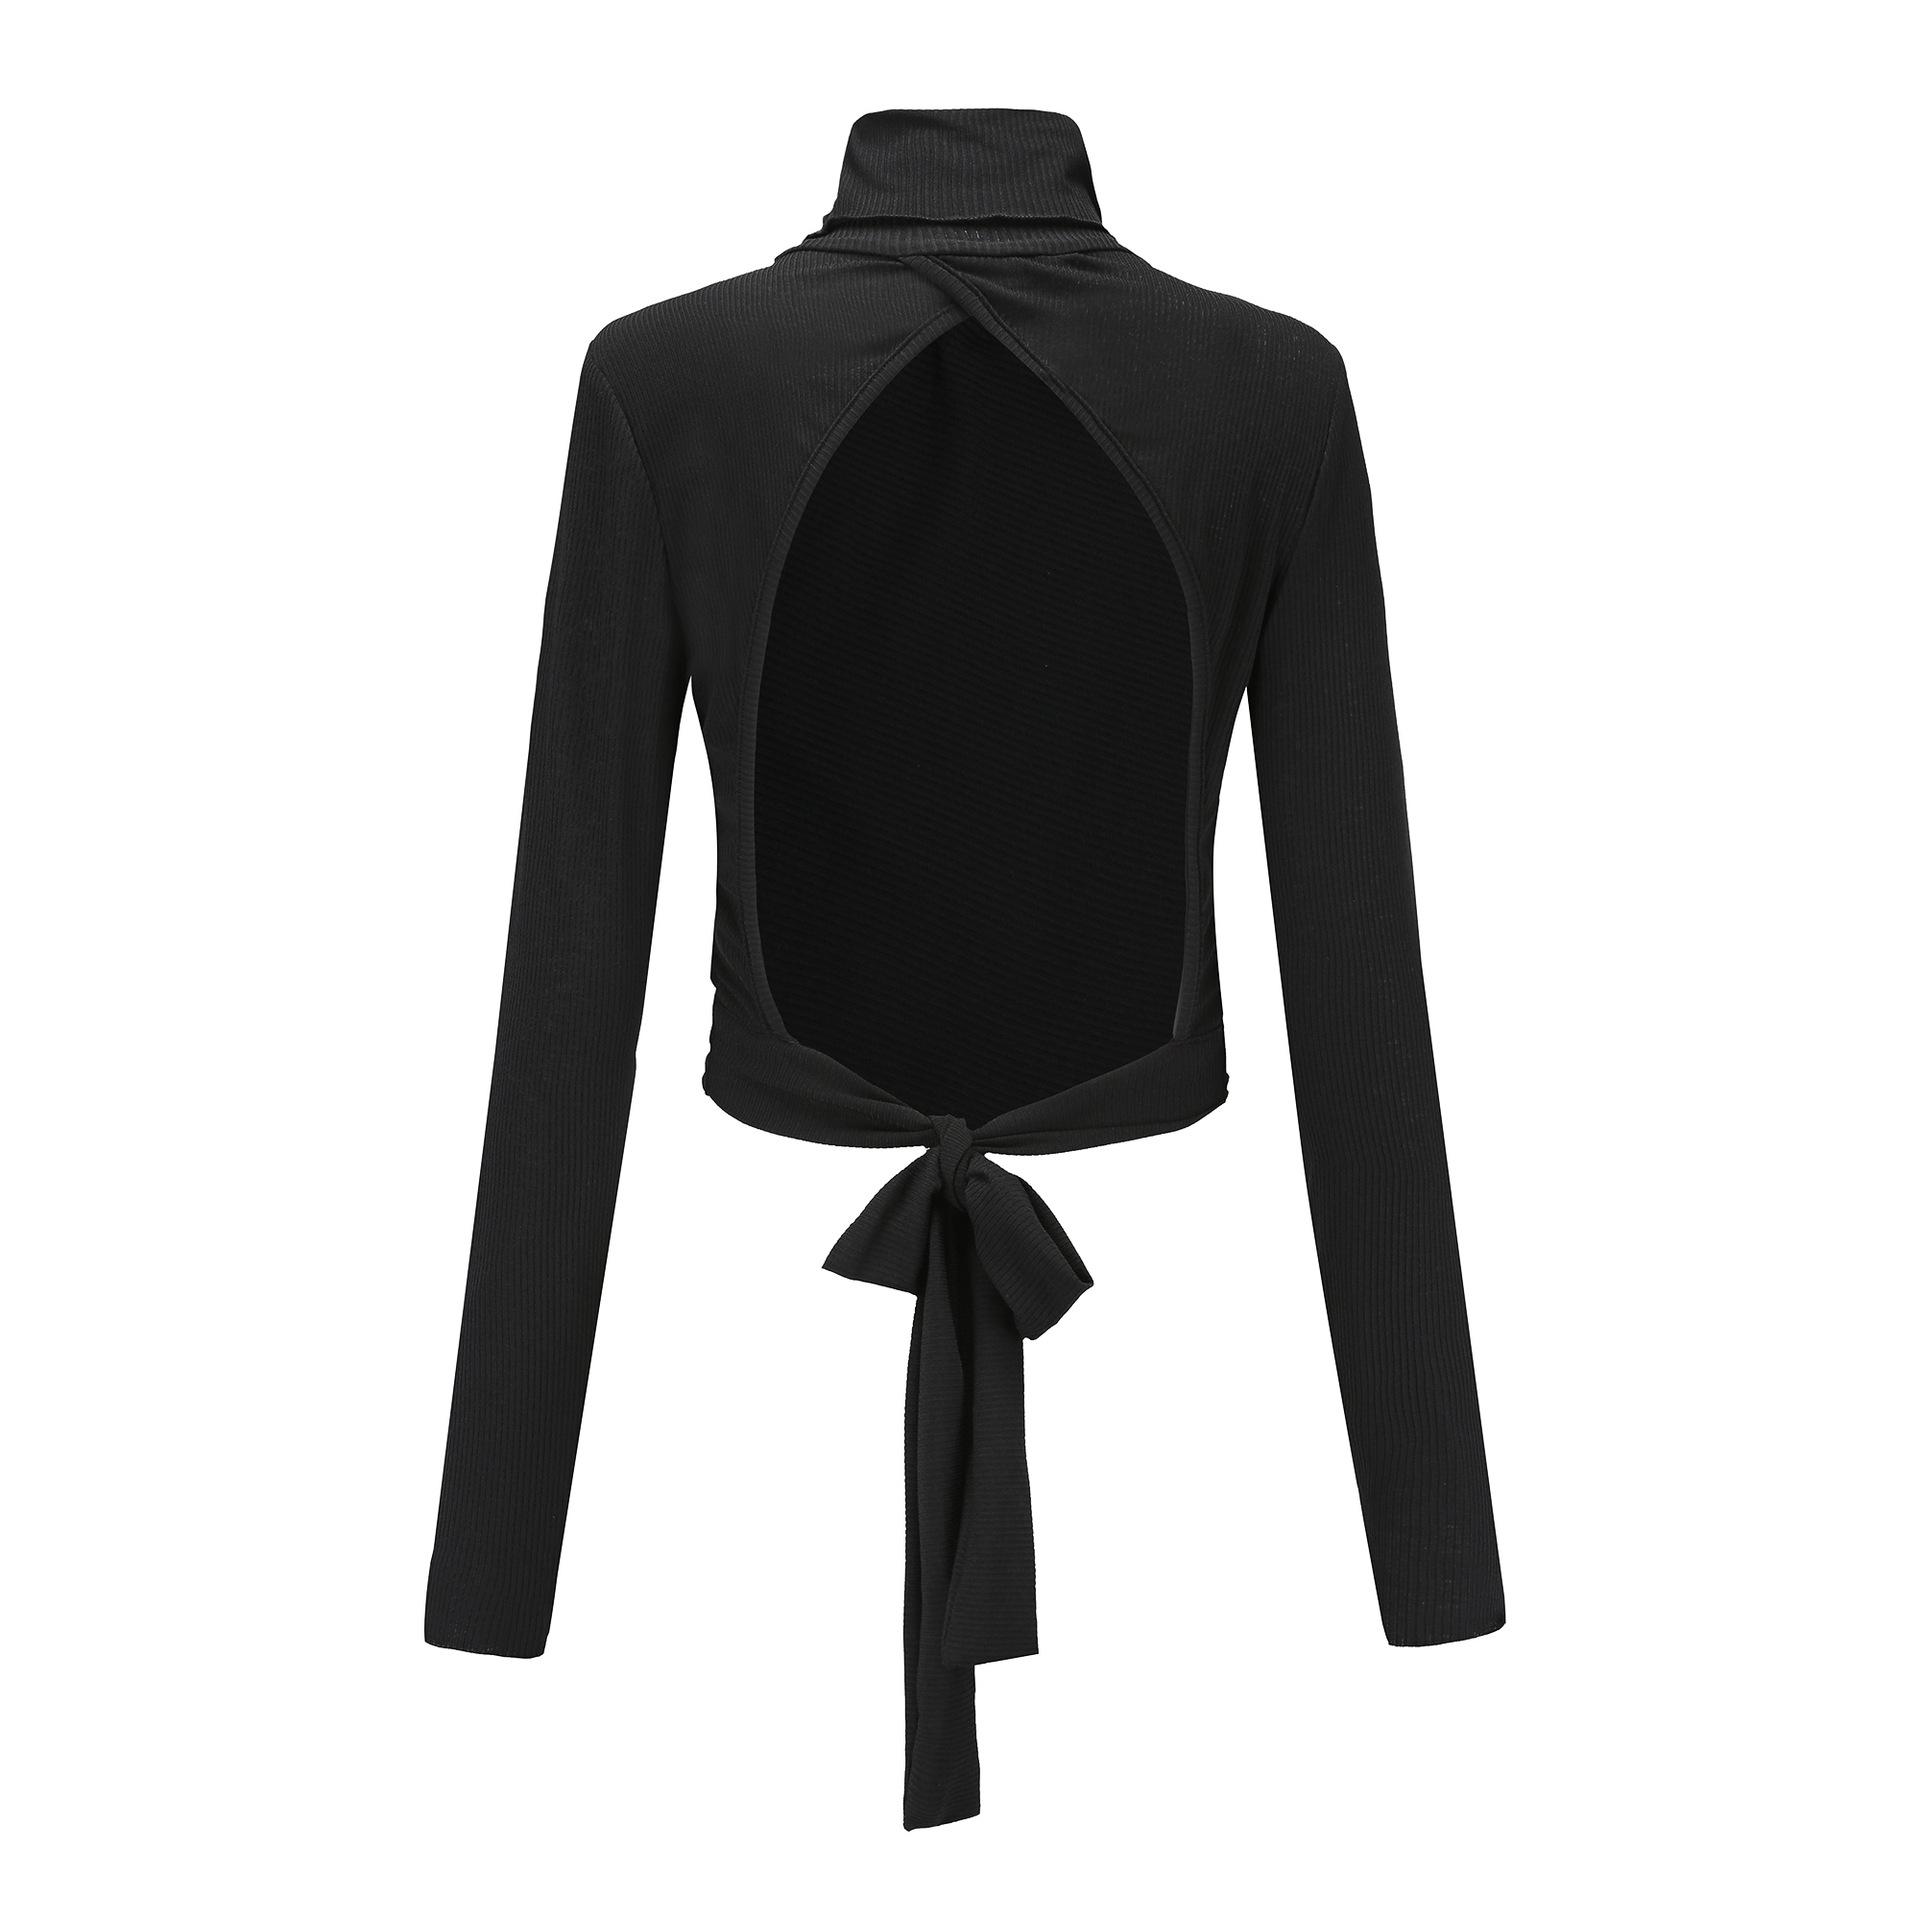 aa4ca879dad41c Finden Sie Hohe Qualität Sexy Schwarzen Bluse Rückenfrei Hersteller und Sexy  Schwarzen Bluse Rückenfrei auf Alibaba.com